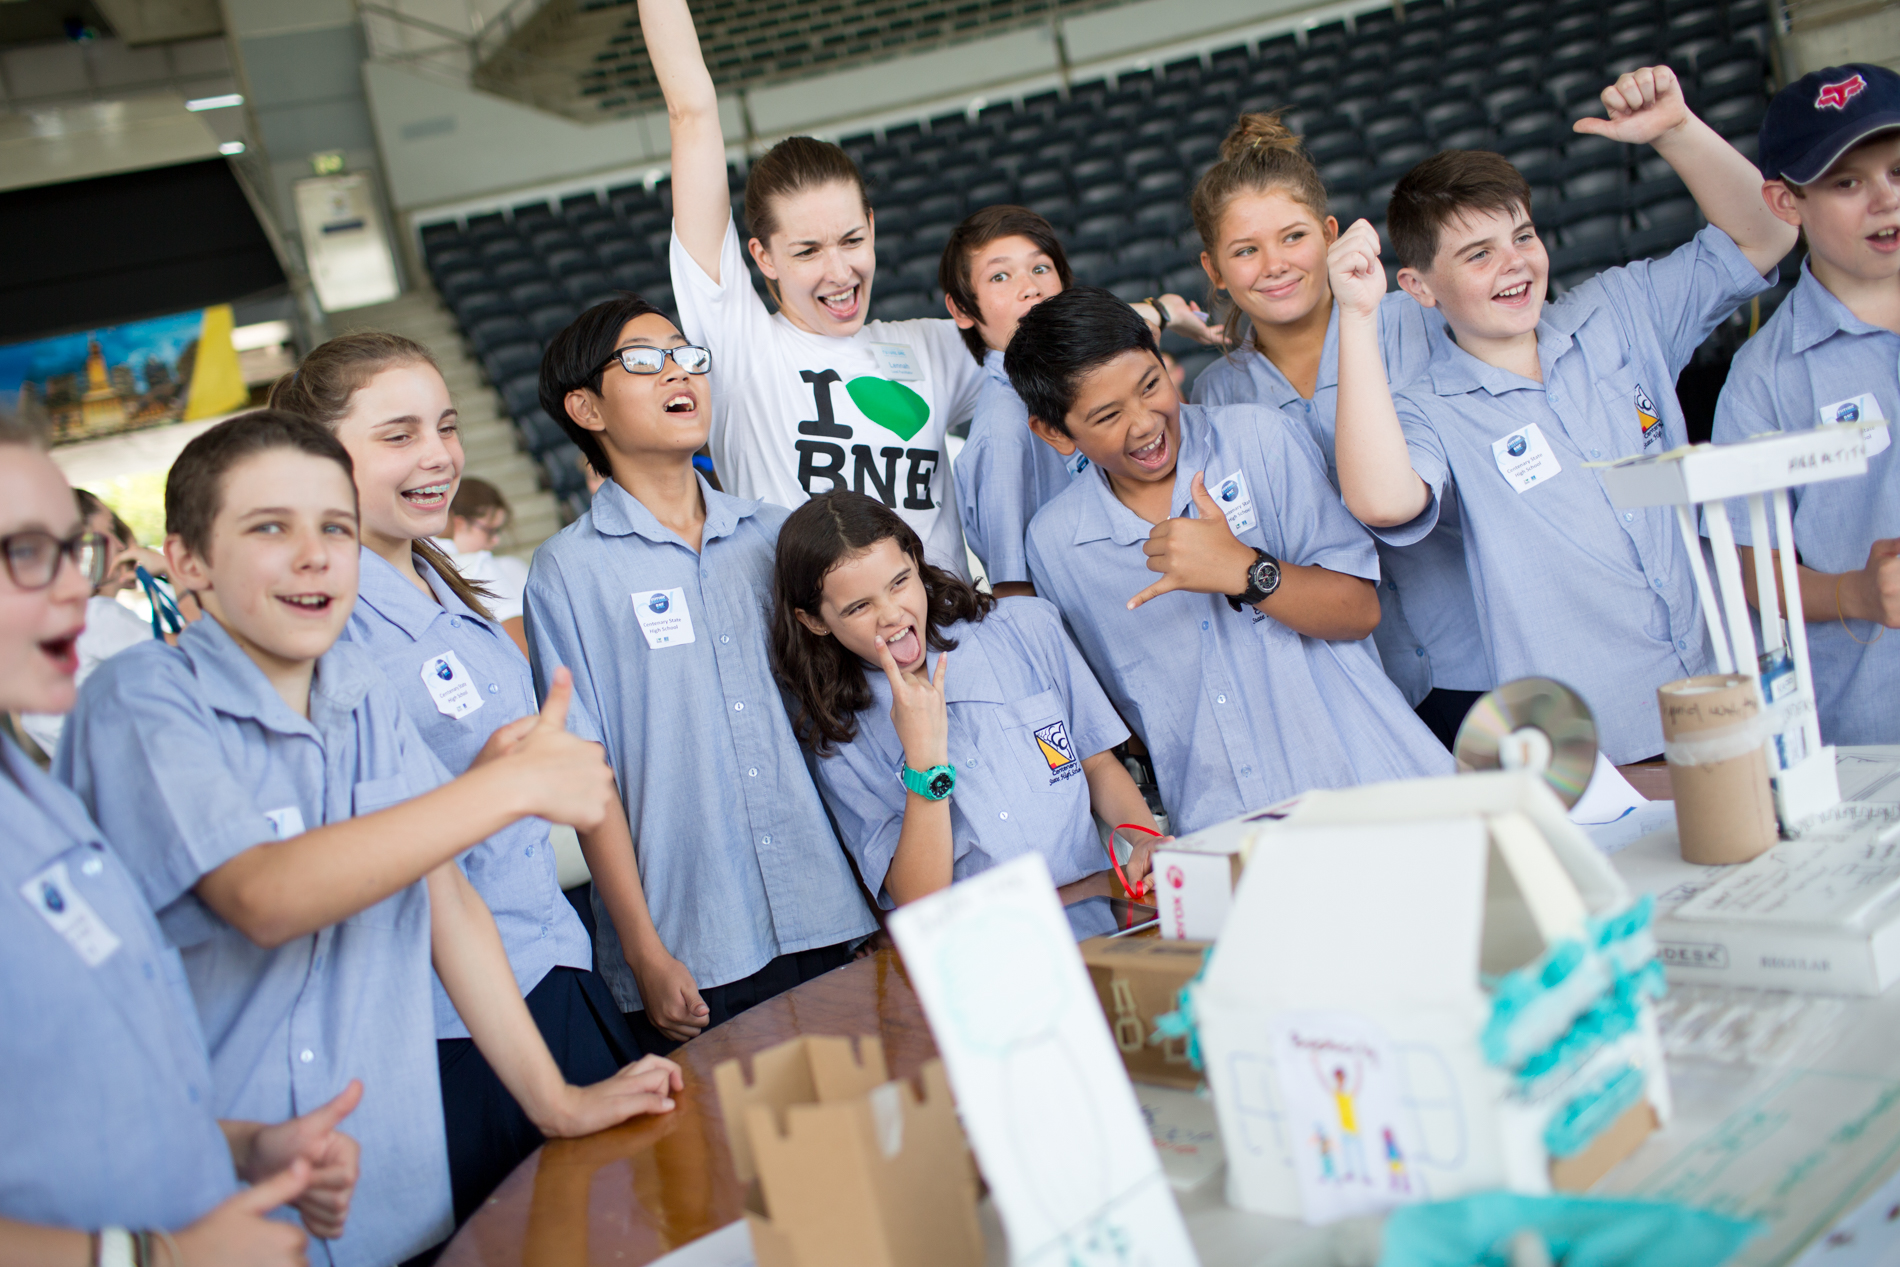 Green Heart Schools - Future BNE Challenge